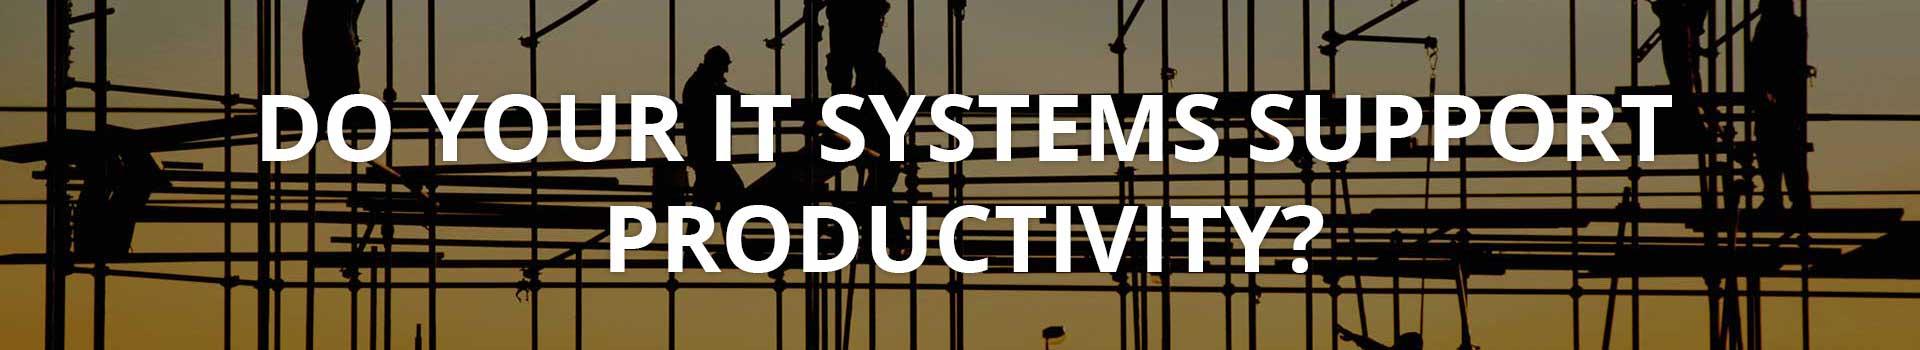 productivity-header